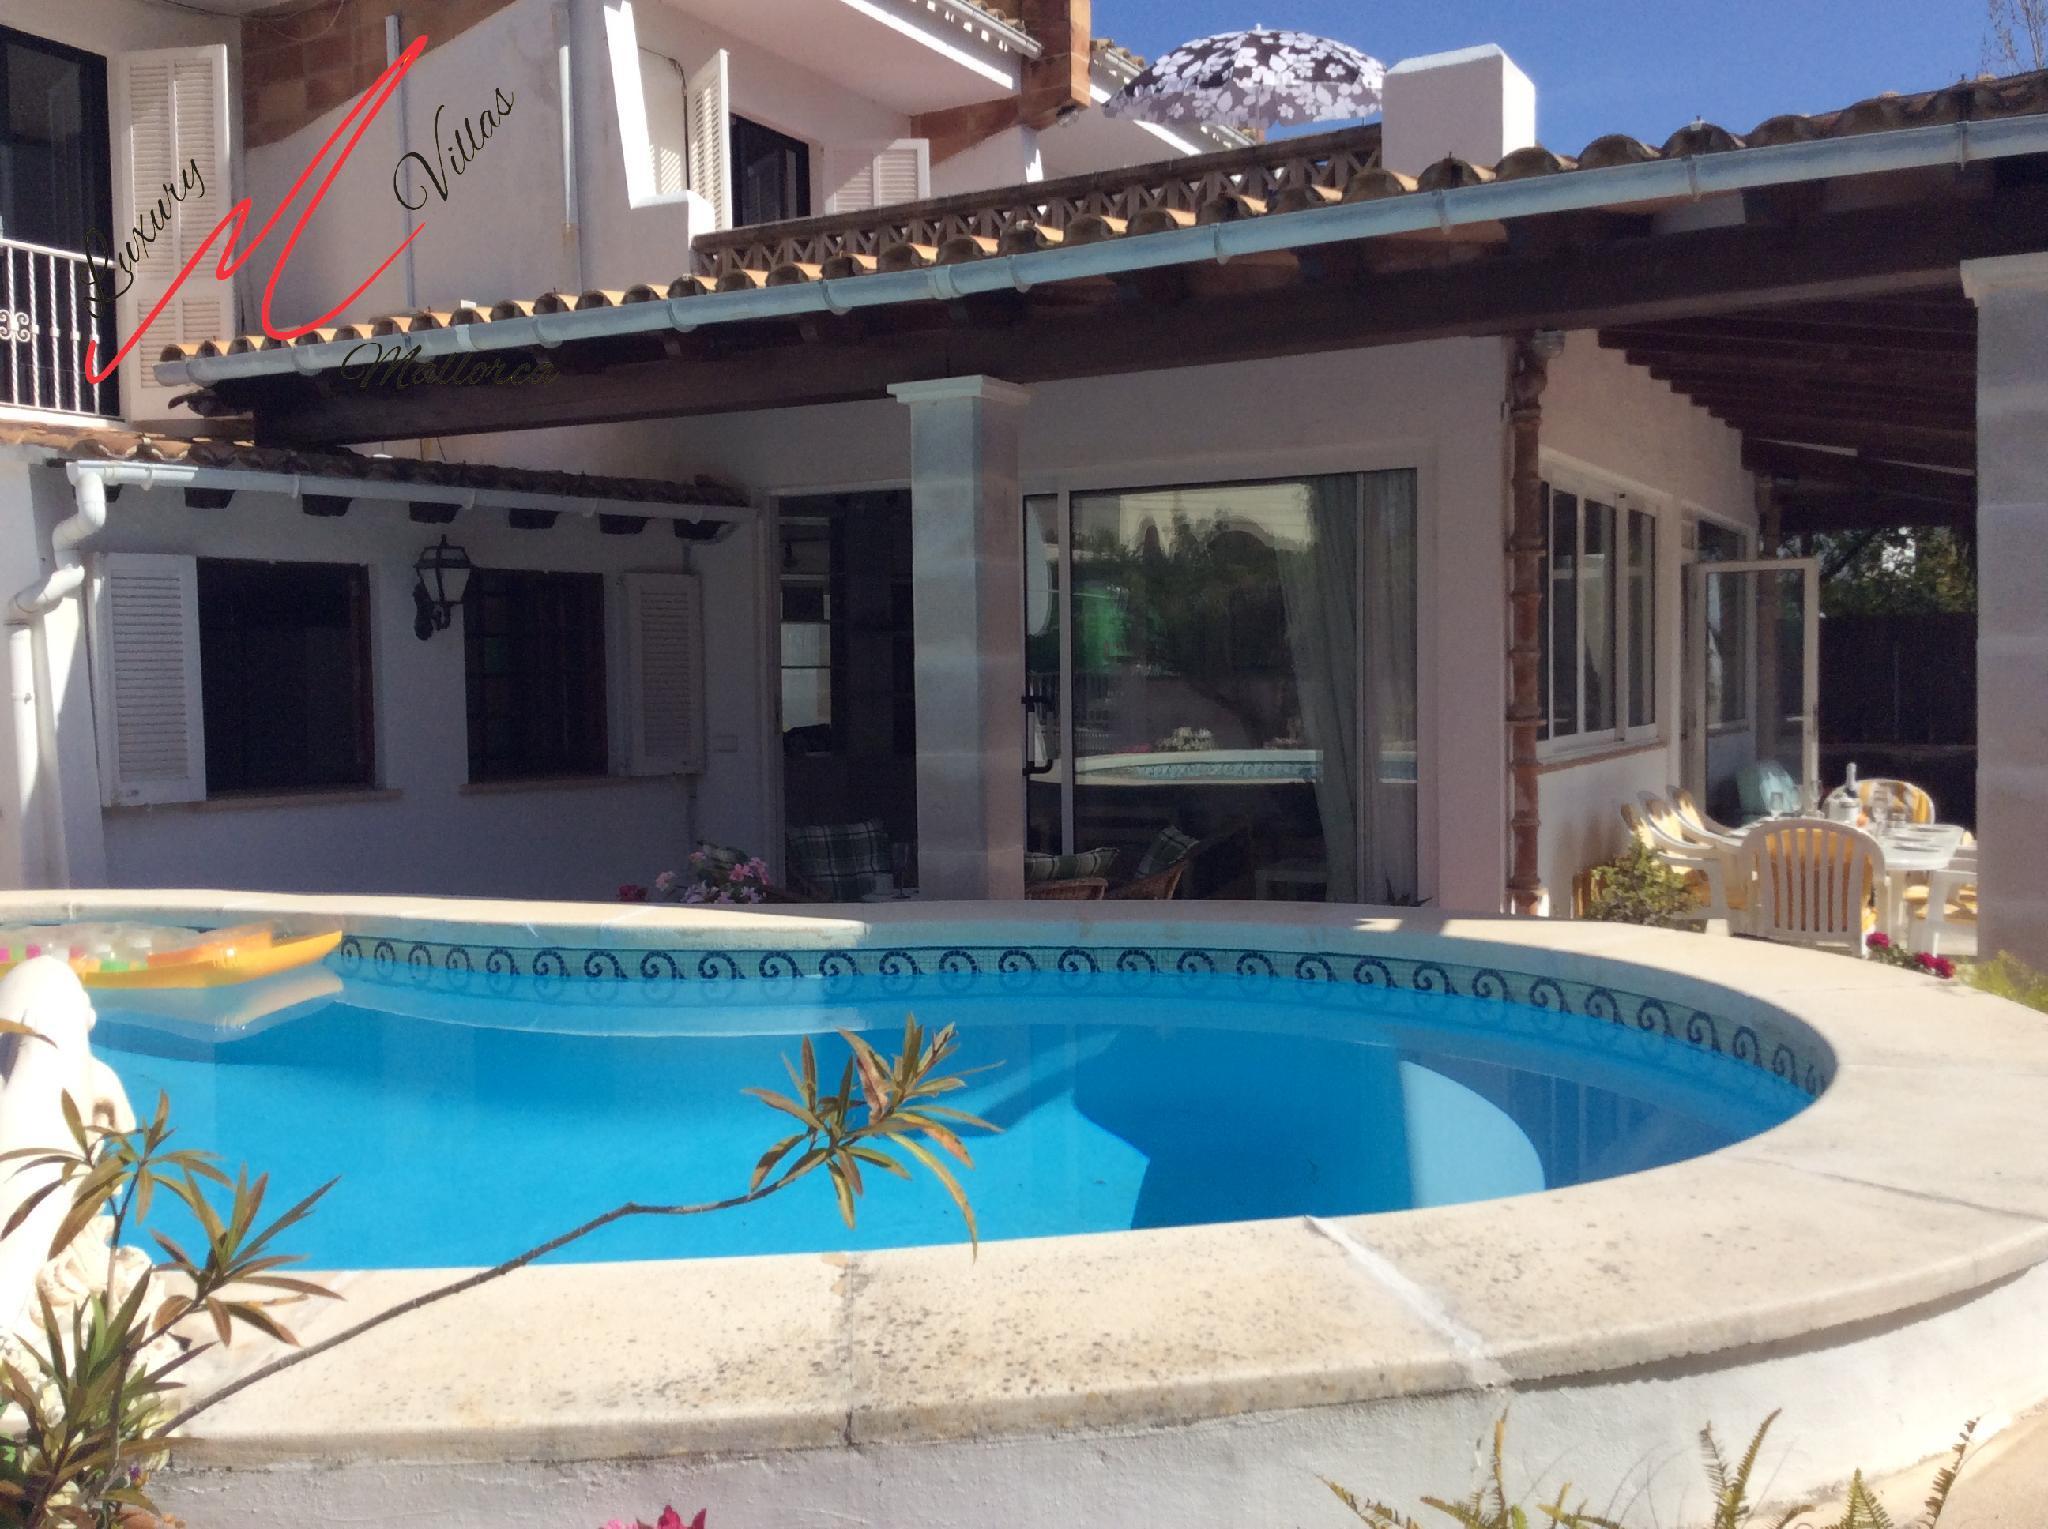 VILLA NEVADA - private pool, walk to beach & rest